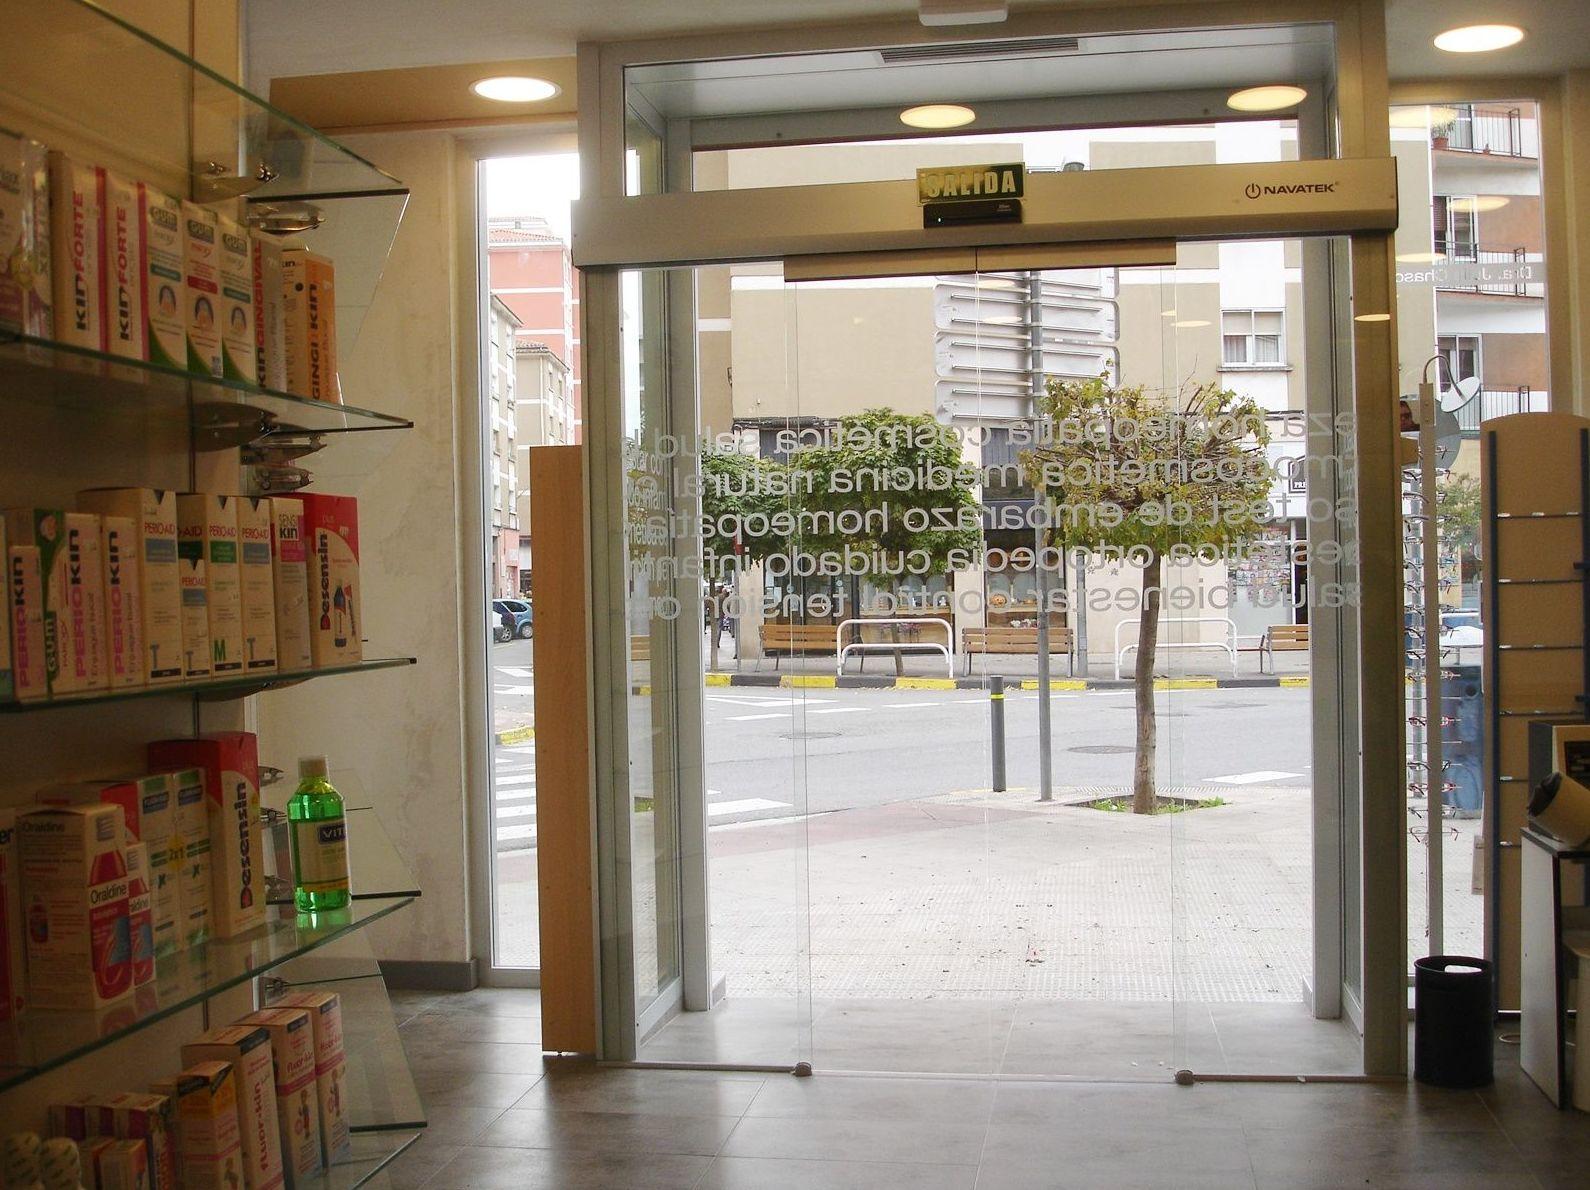 Foto 119 de Puertas automáticas en Olite | Navatek Puertas Automáticas SL